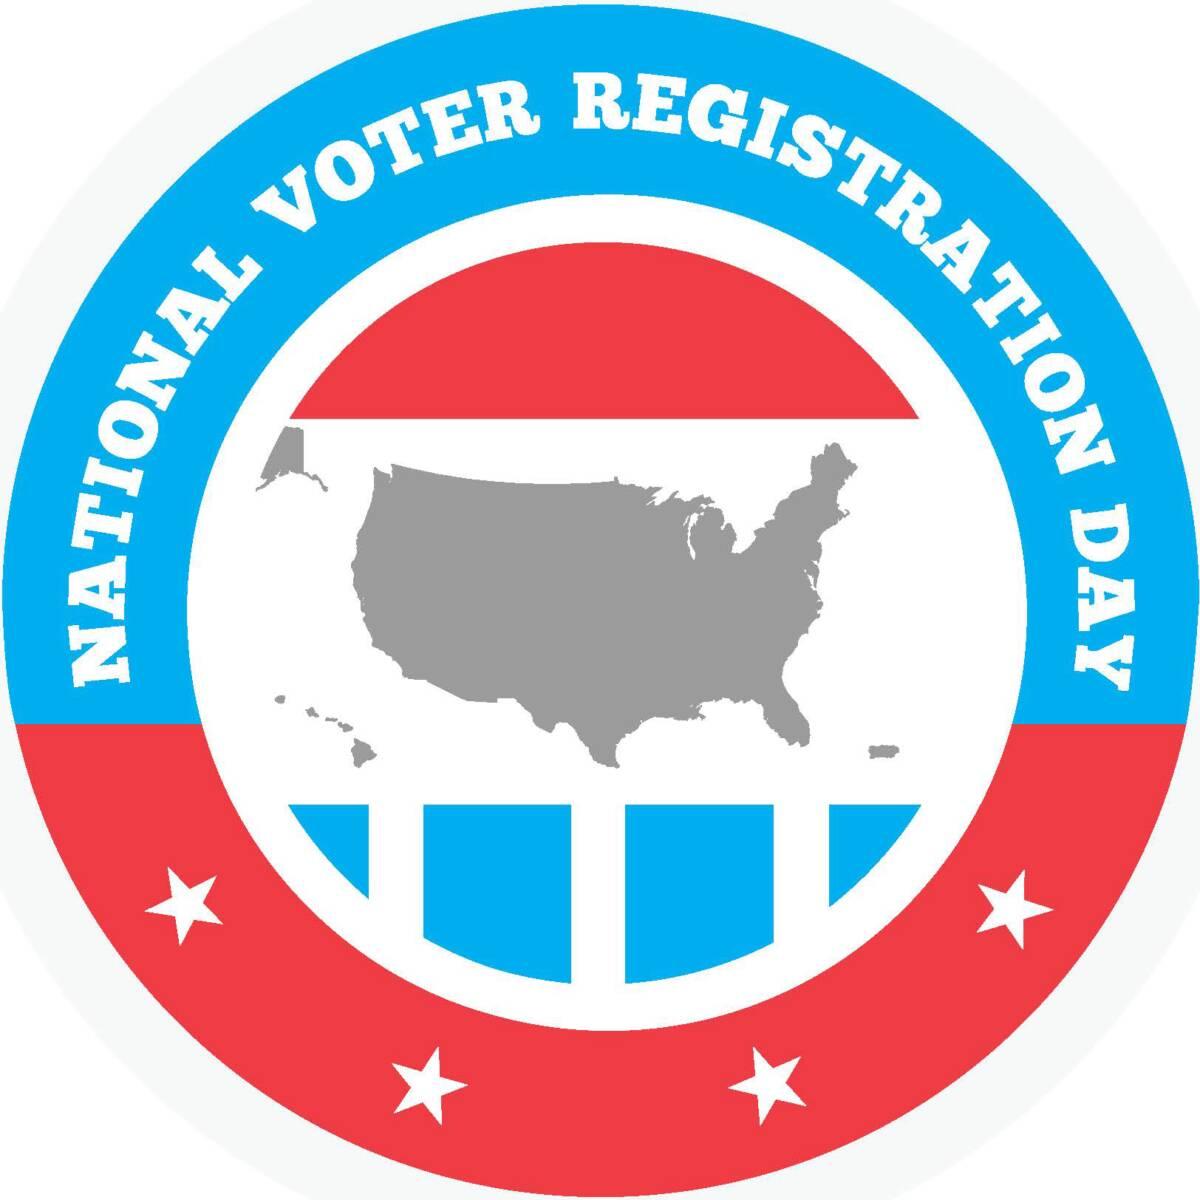 National Voter Reg Day